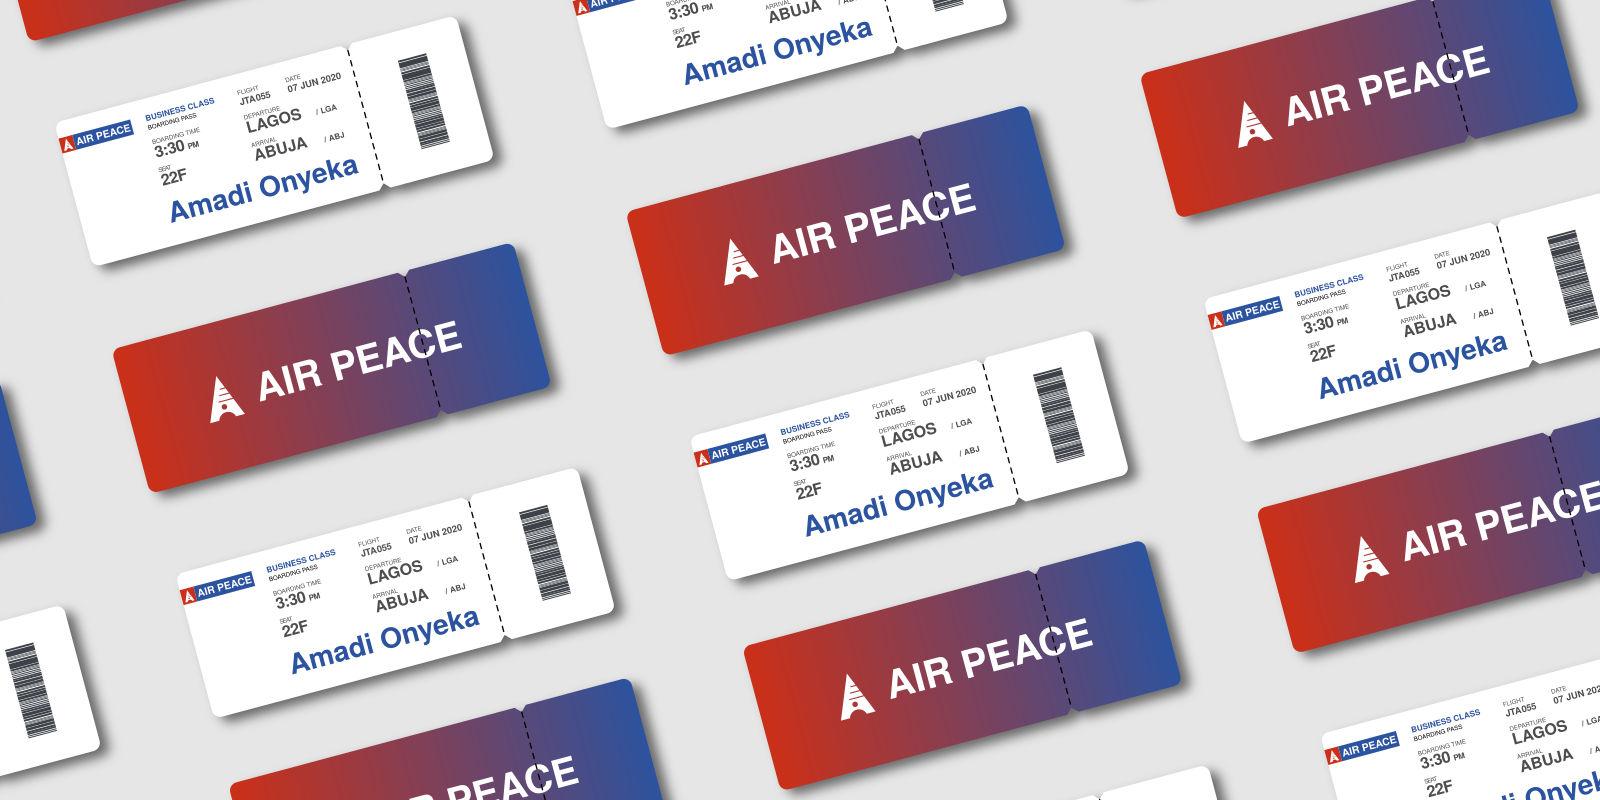 Air_peace_boarding_pass